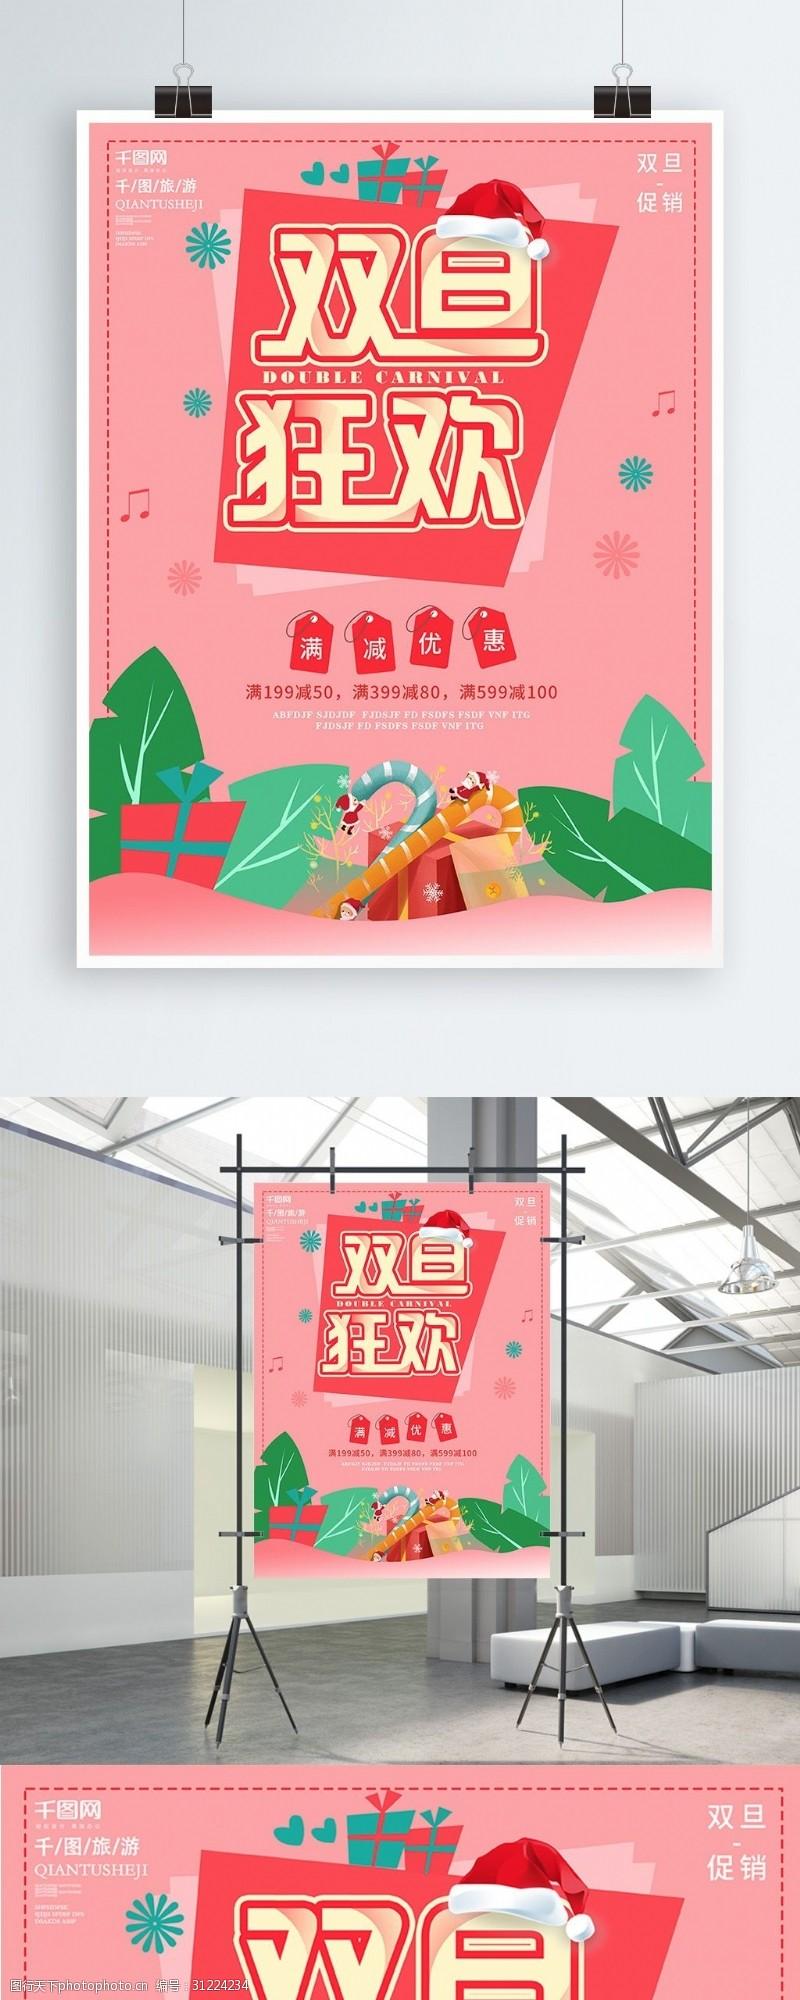 双蛋海报清新双旦蛋圣诞元旦狂欢促销活动宣传海报